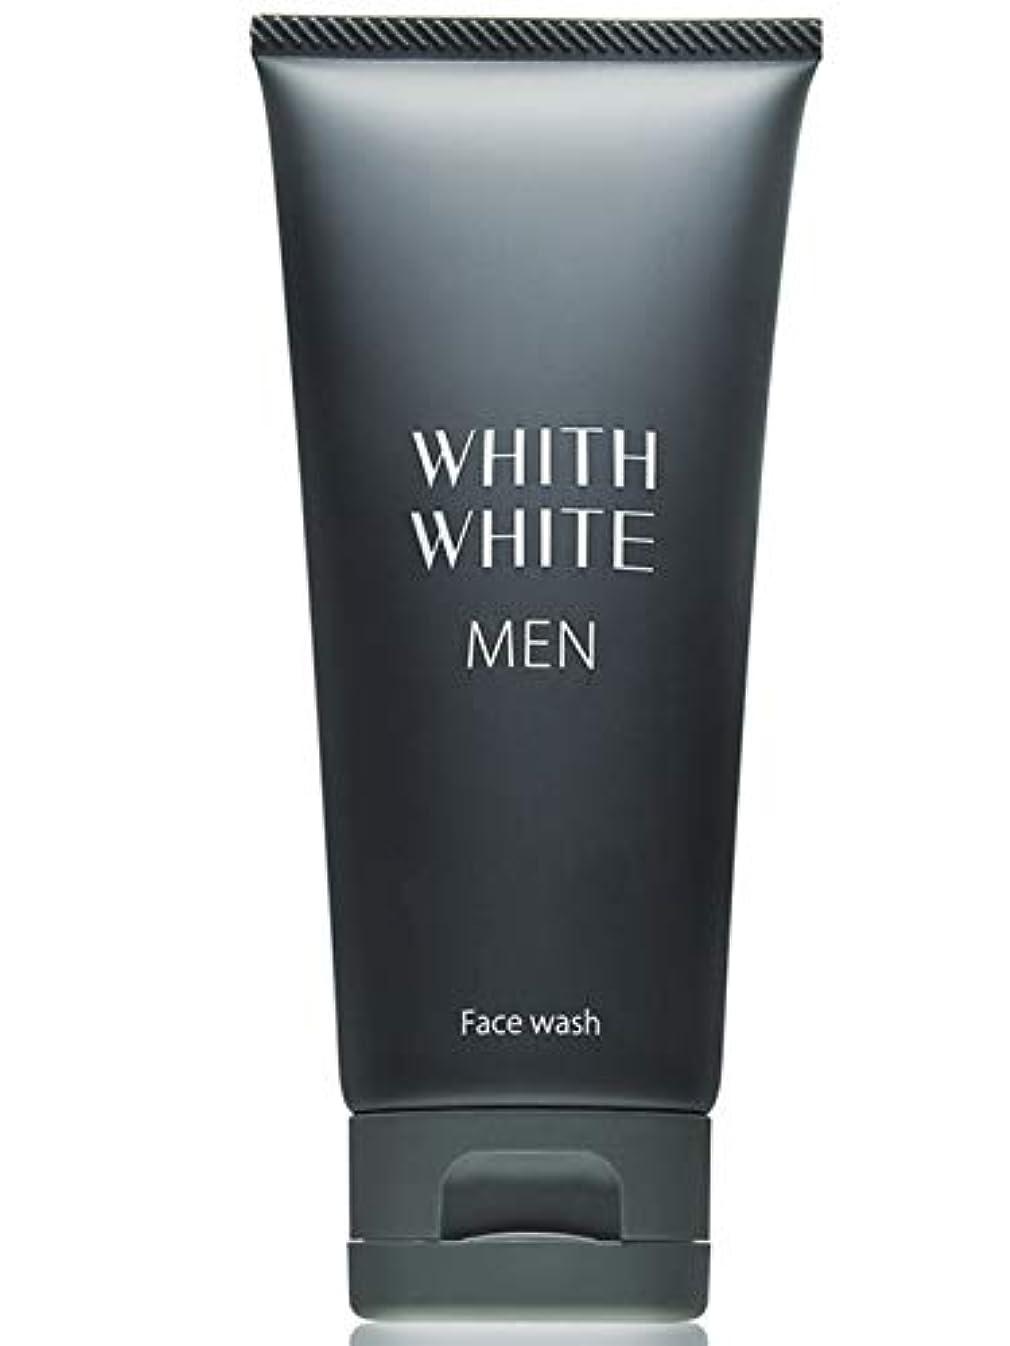 苦味医師まろやかな洗顔 メンズ 医薬部外品 【 男 の しみ くすみ 対策 】 フィス ホワイト 「 30代~50代の 男性 専用 洗顔フォーム 」「 保湿 ヒアルロン酸 配合 洗顔料 」(男性用 スキンケア 化粧品 )95g